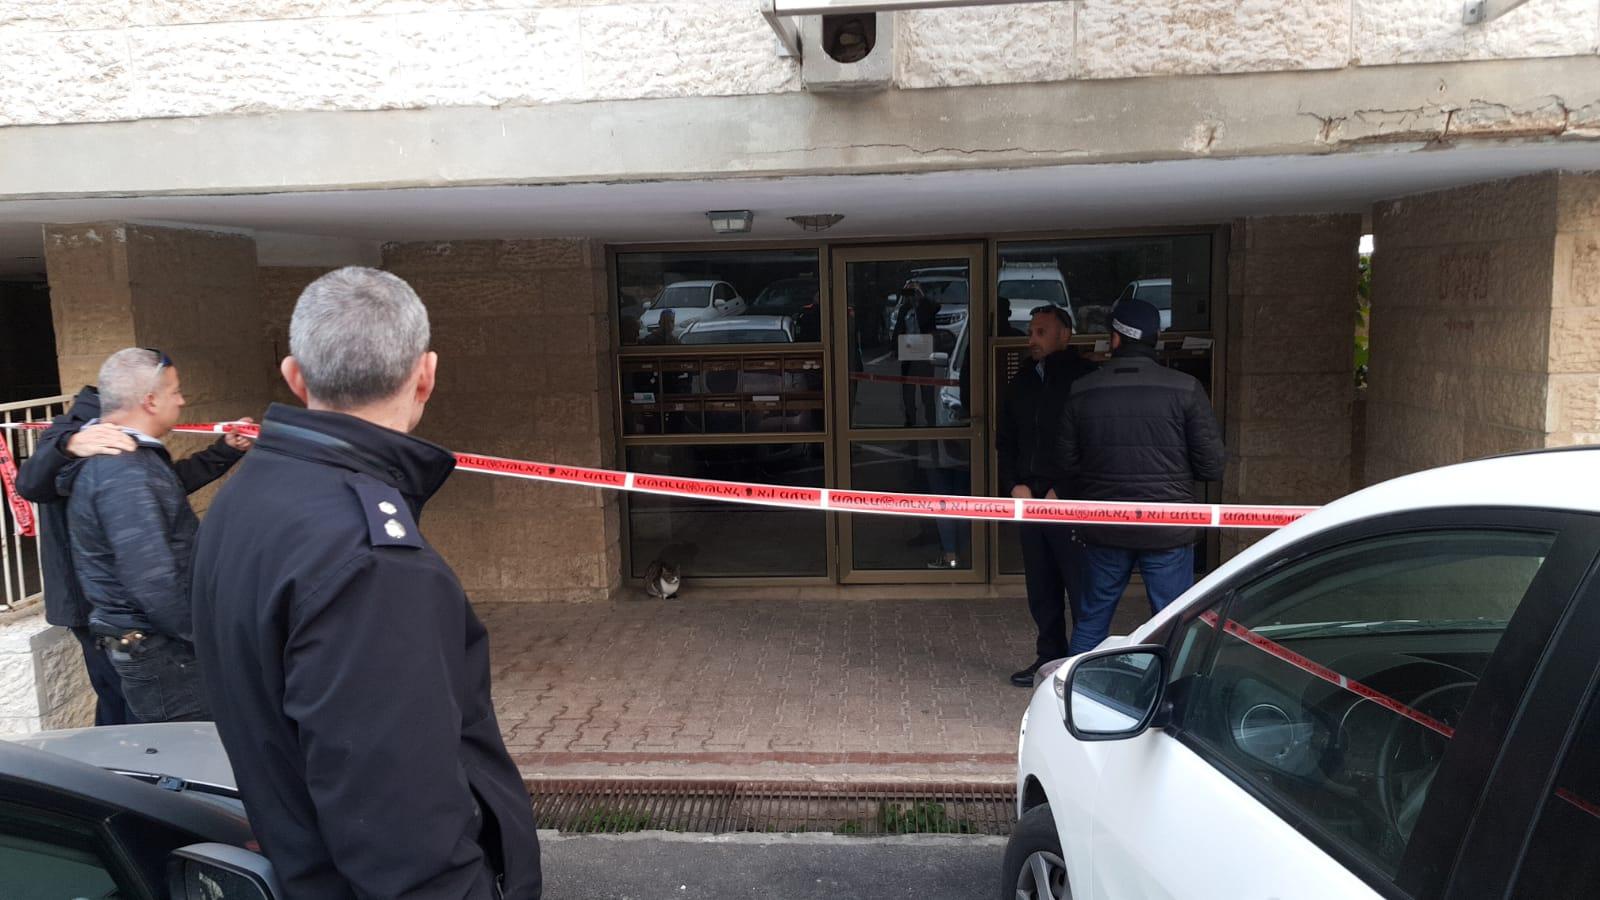 הכניסה לבית בארמון הנציב, שבו נמצאו בני הזוג ללא רוח חיים (צילום: דוברות המשטרה)